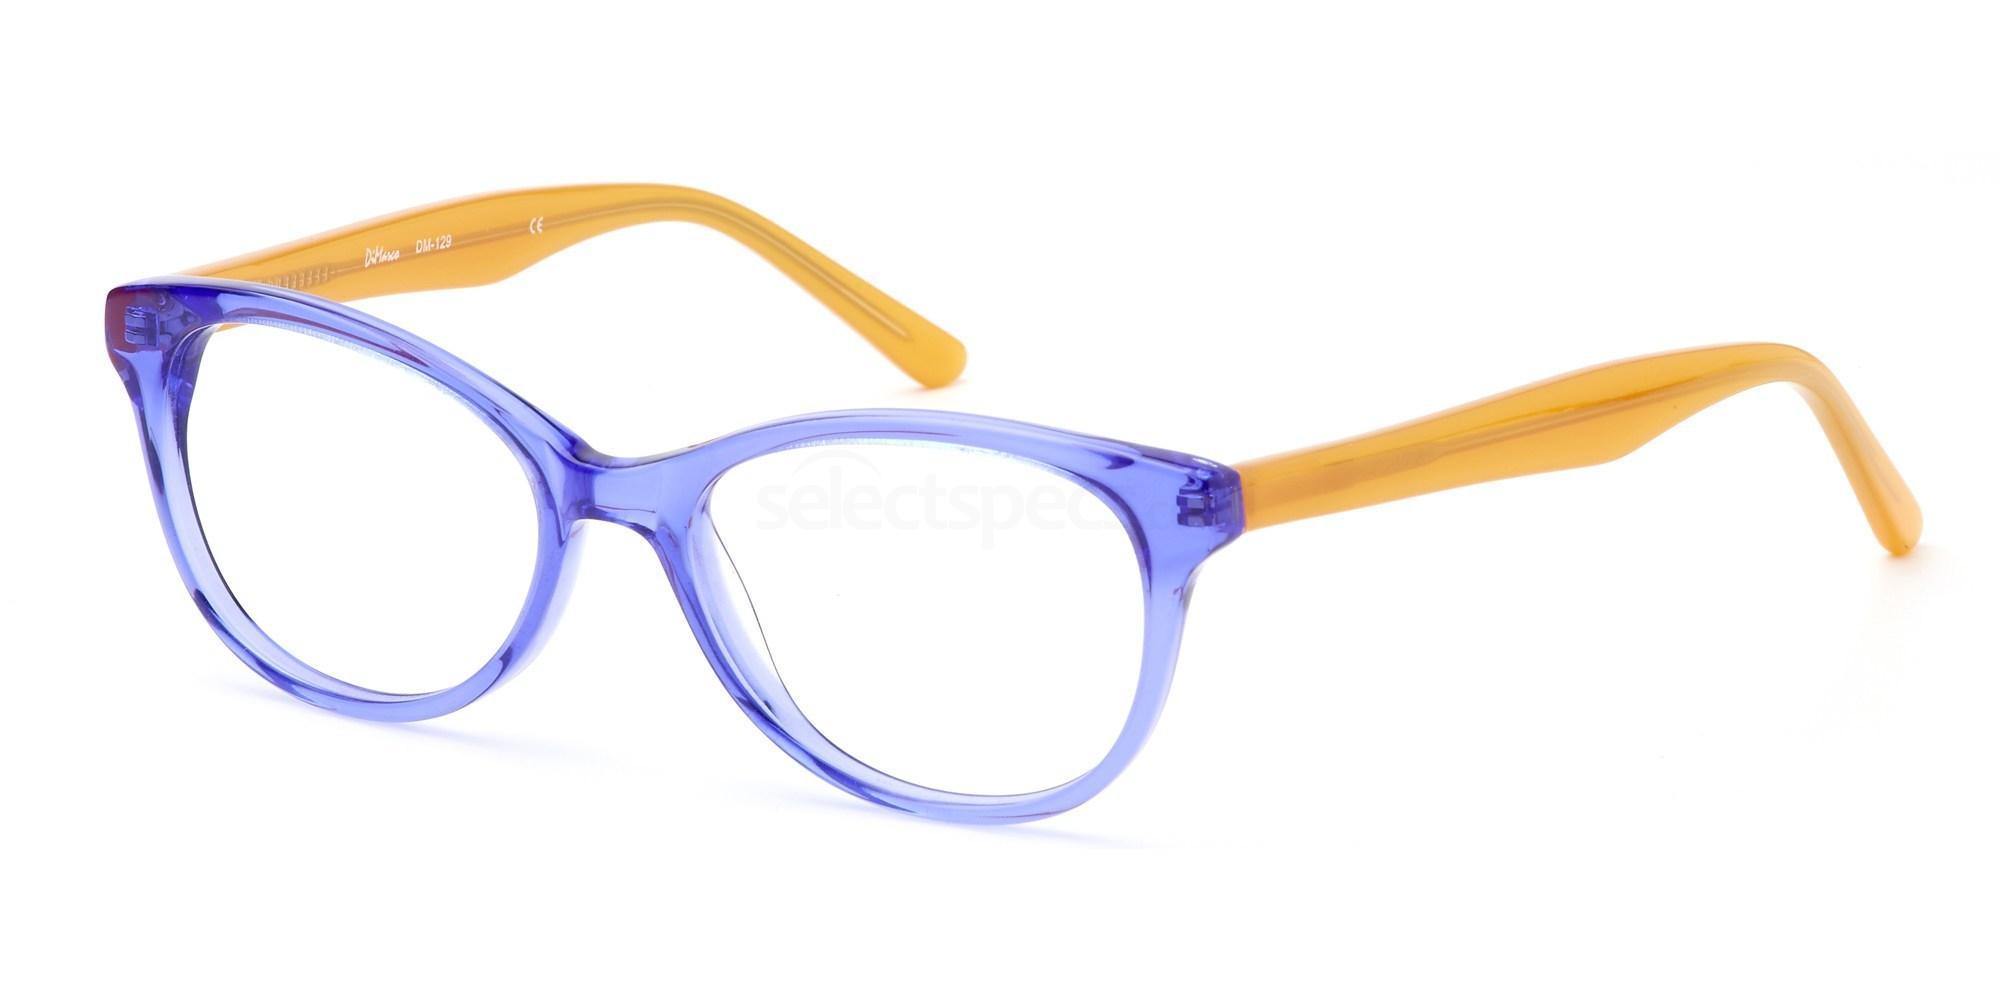 C1 DM129 Glasses, DiMarco